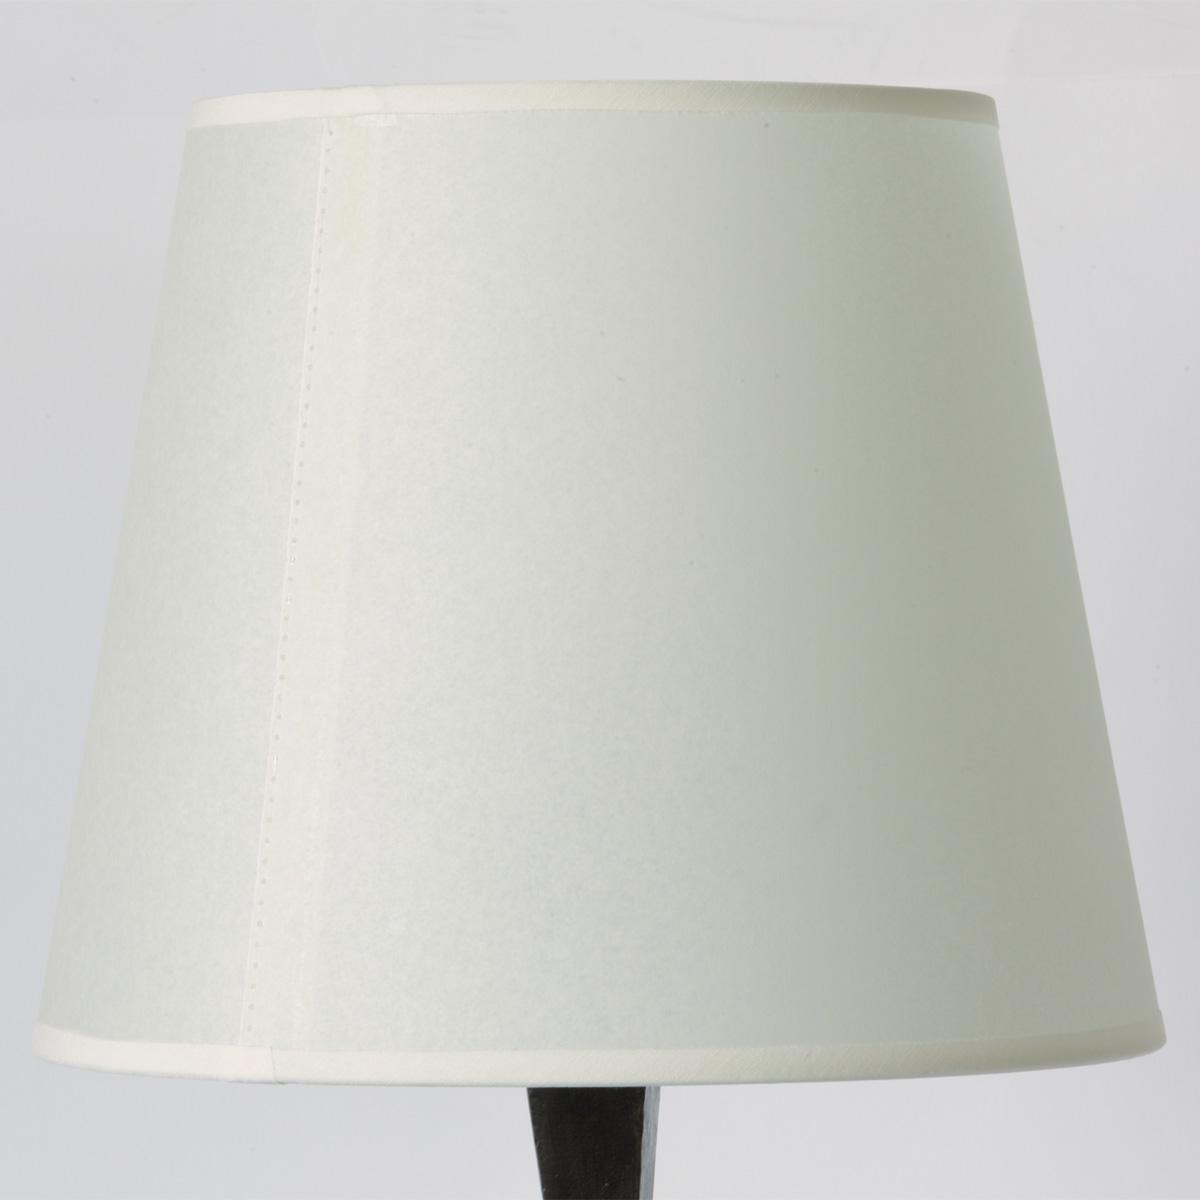 kunstvolle bronze tischleuchte ve mit stoffschirm casa lumi. Black Bedroom Furniture Sets. Home Design Ideas